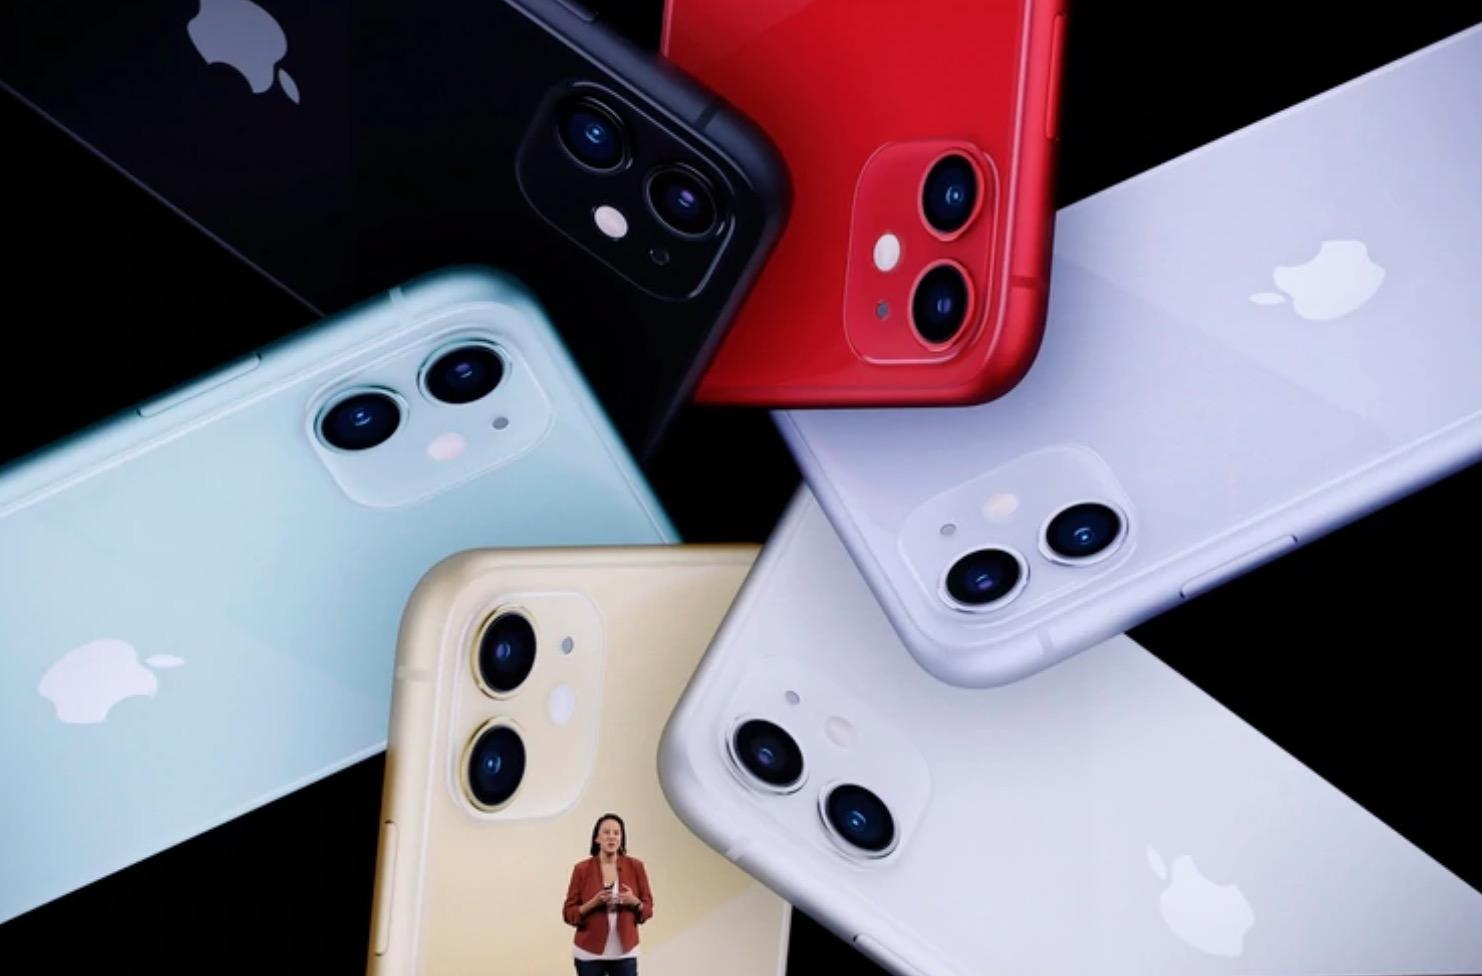 كم سيكلف iPhone 11 الجديد في الأرجنتين 1